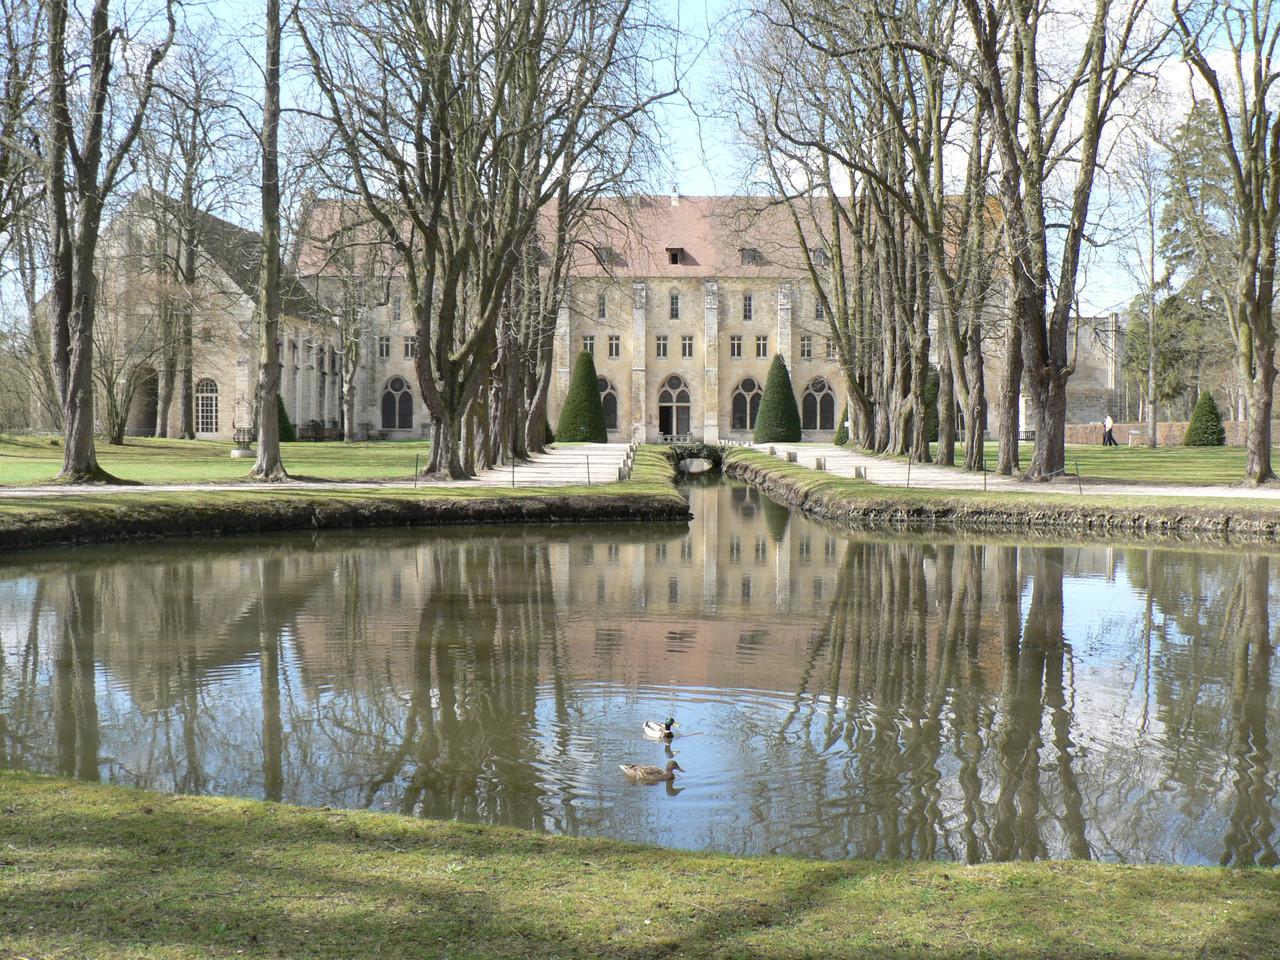 L'Abbaye de Royaumont, un cadre idyllique pour la contemplation...